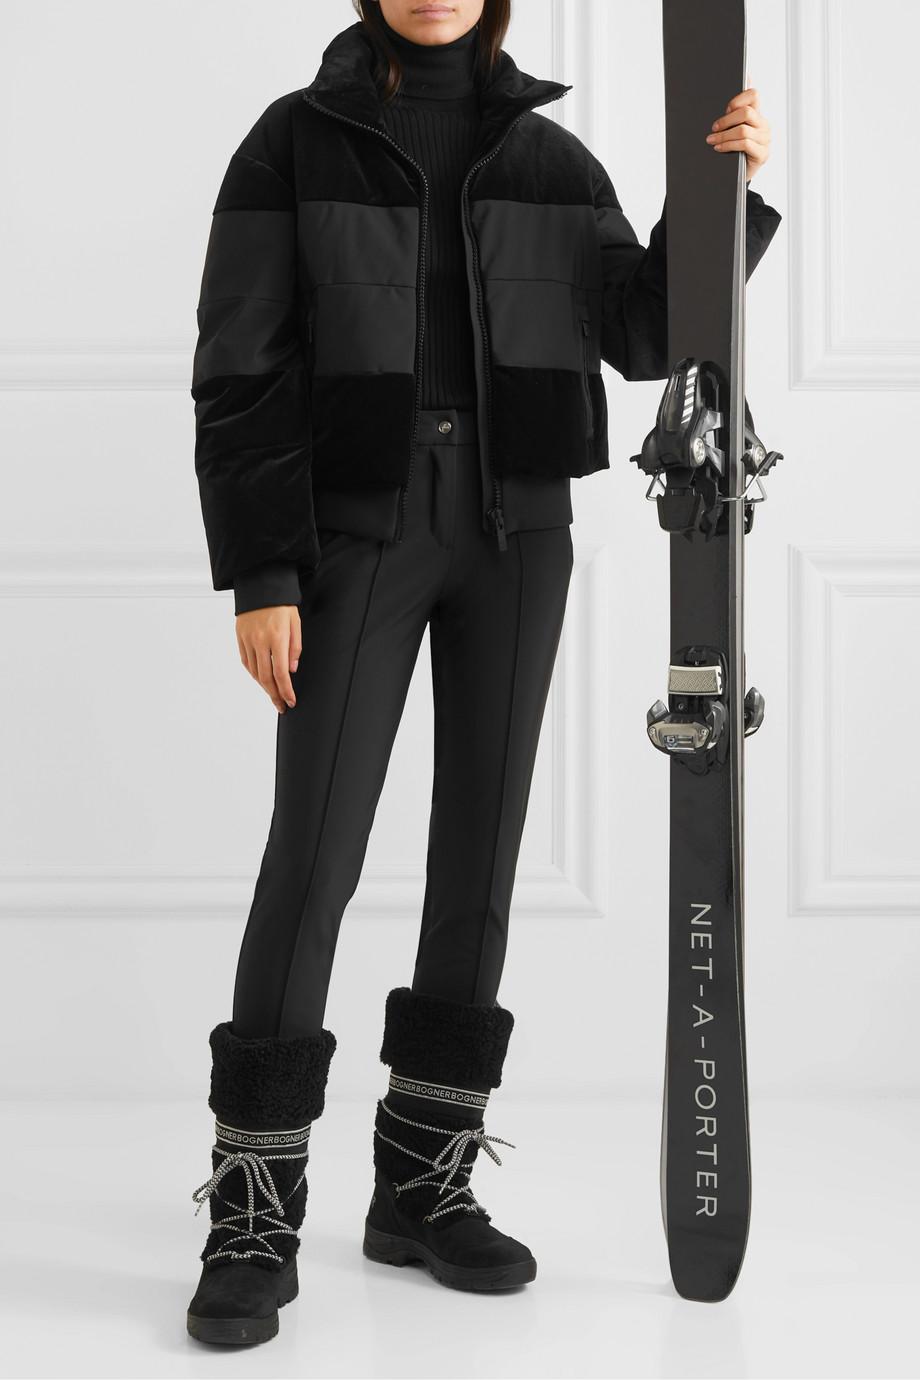 Fusalp Belalp 踩脚滑雪裤